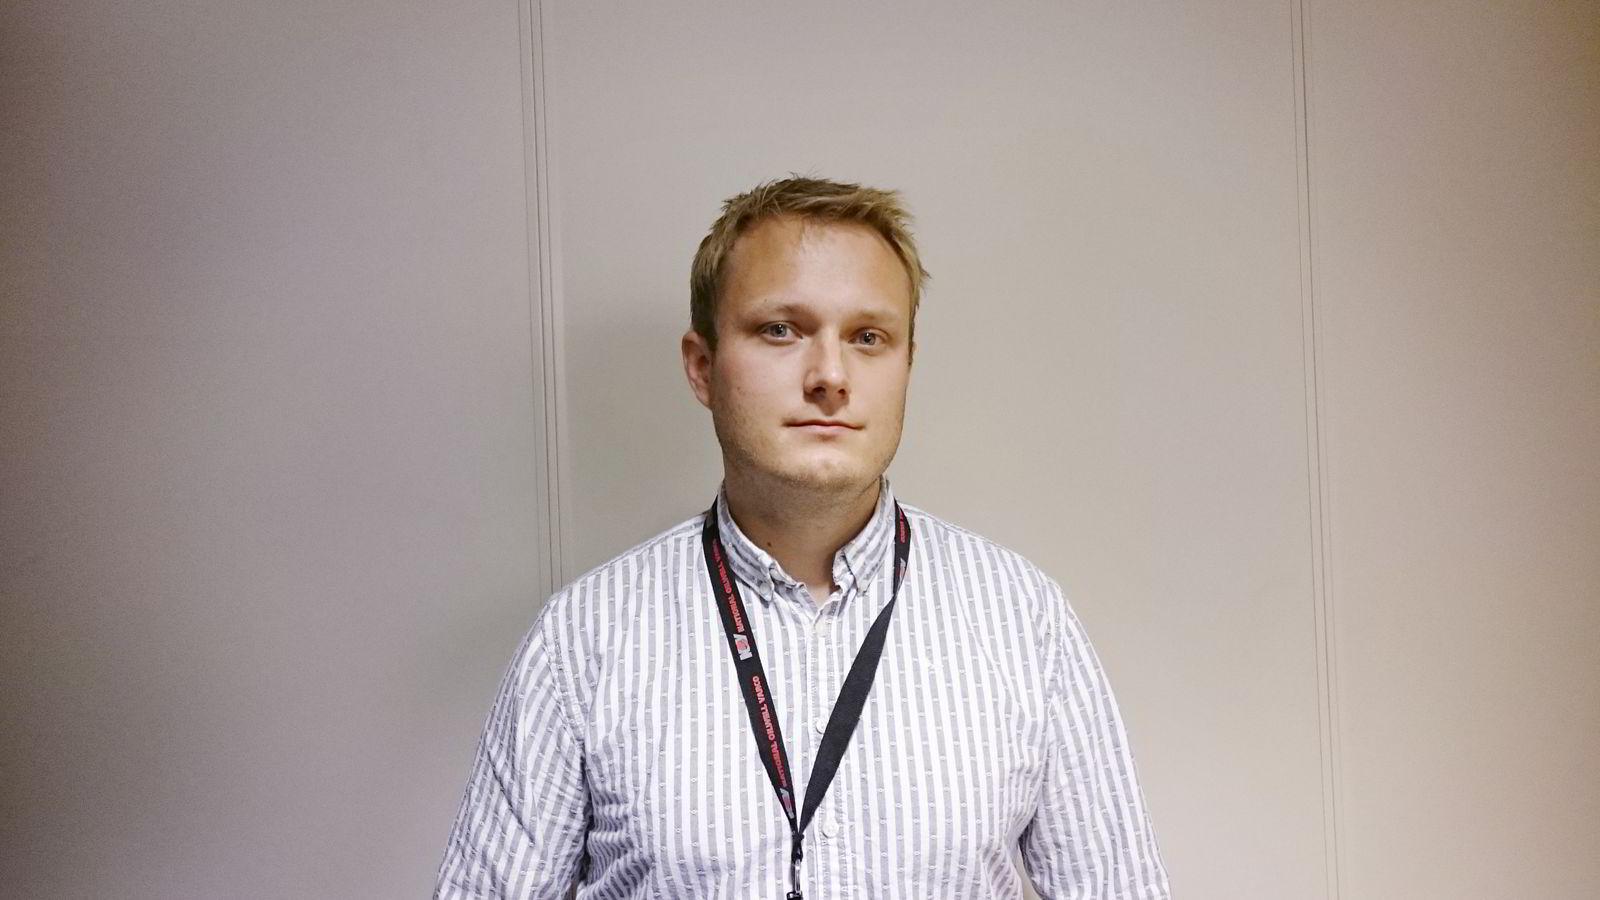 Magnus Bendixen har mistet jobben i oljebransjen. Dersom boliglånsrentene stiger, frykter han konsekvensene.